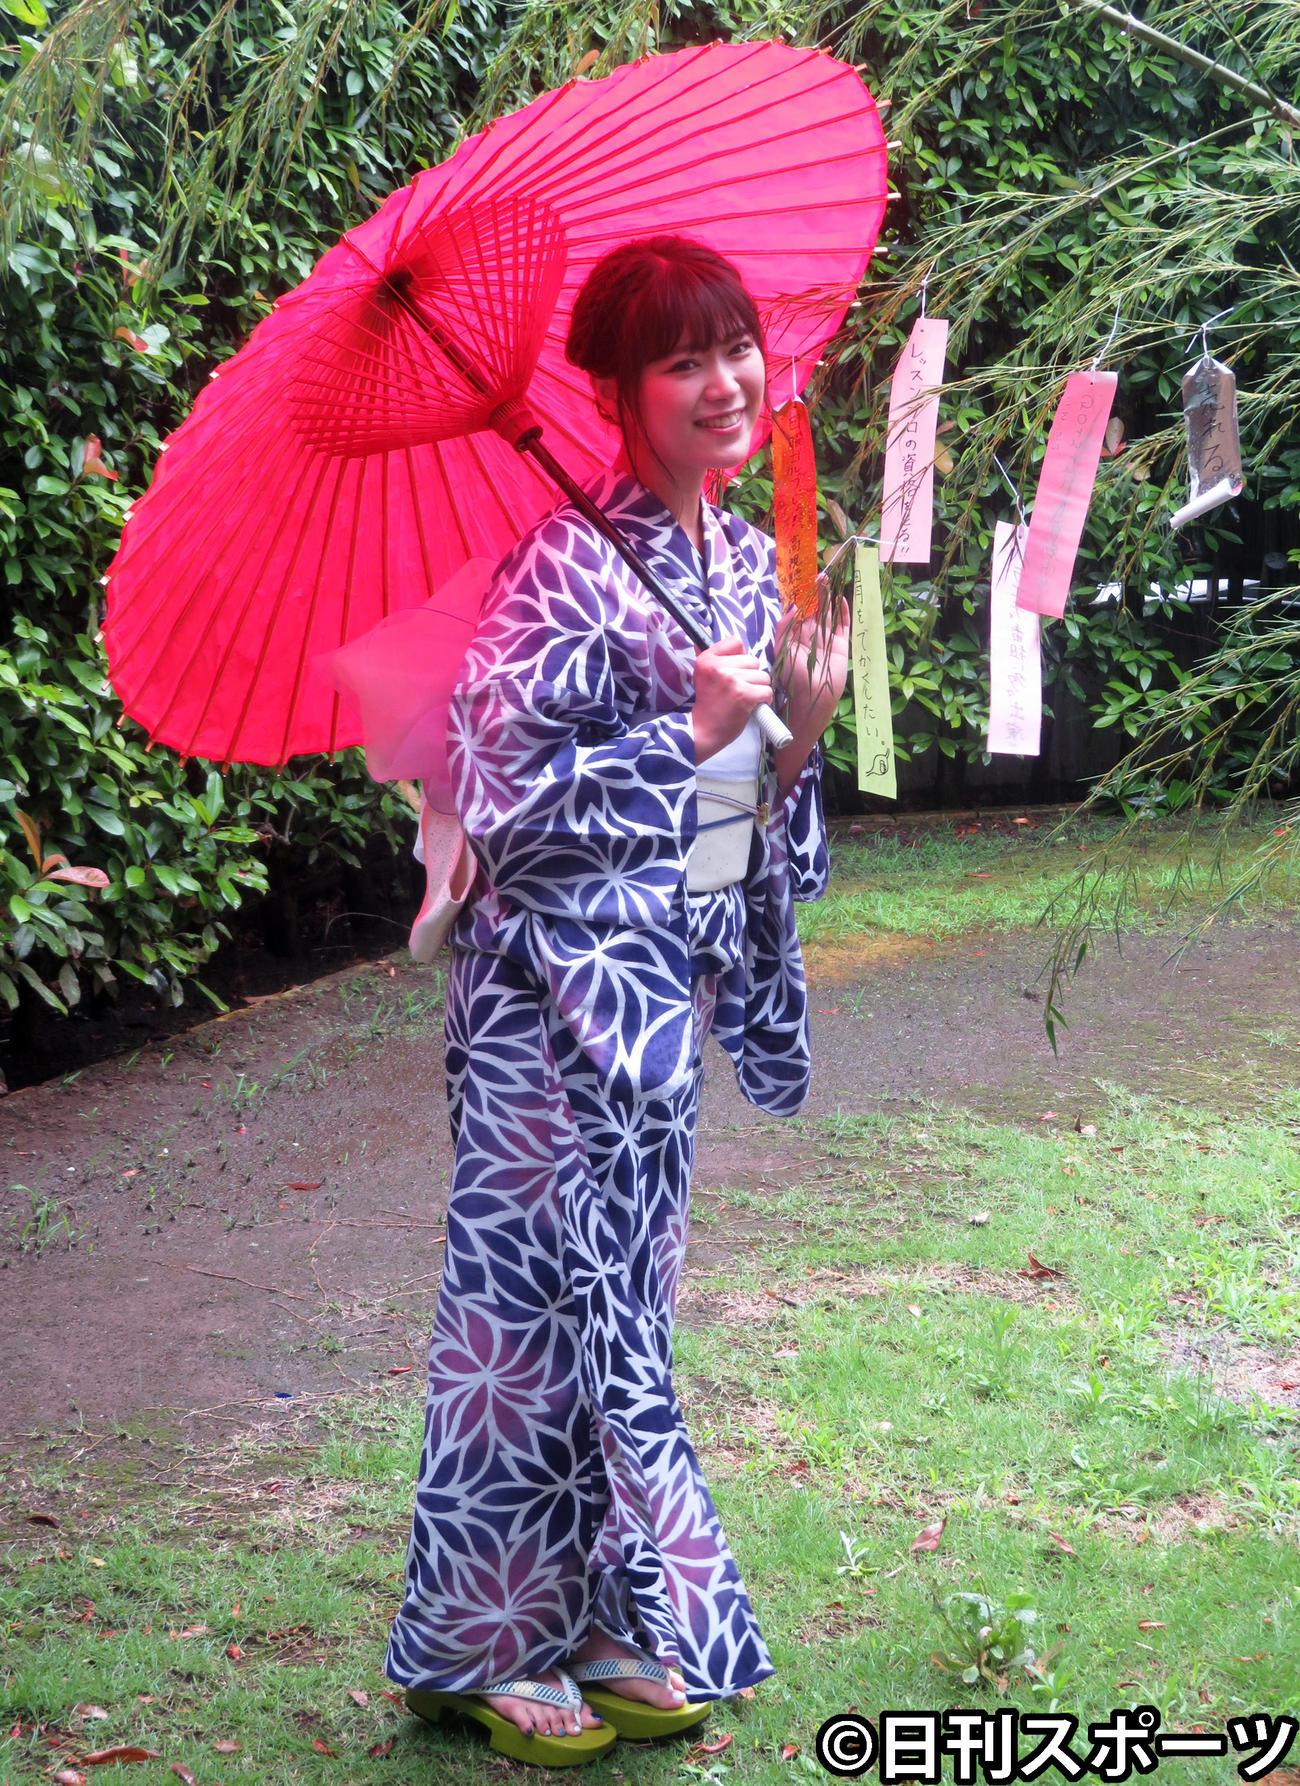 新番組高視聴率祈願取材会に浴衣姿で出席した山内鈴蘭(撮影・川田和博)